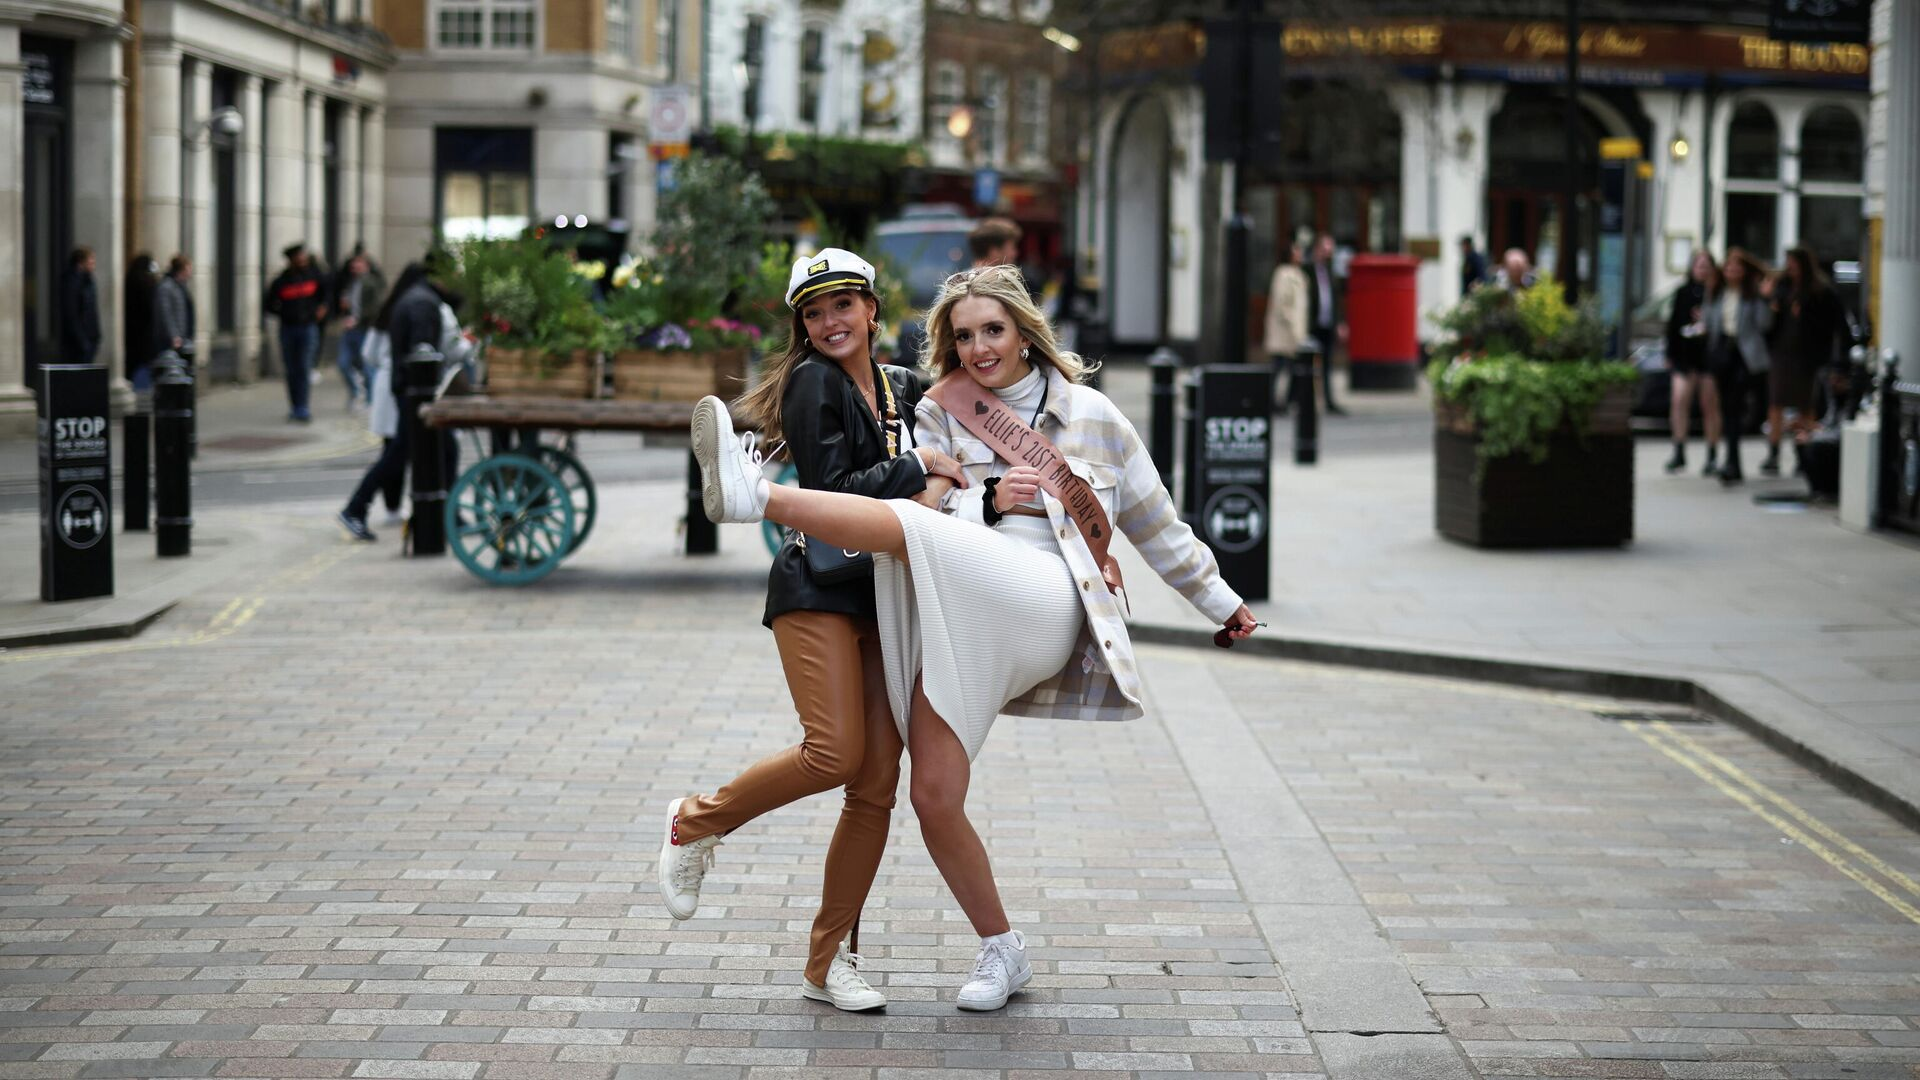 Девушки на улице в районе Ковент-Гарден после ослабления введенных из-за коронавируса ограничений в Лондоне - РИА Новости, 1920, 10.07.2021